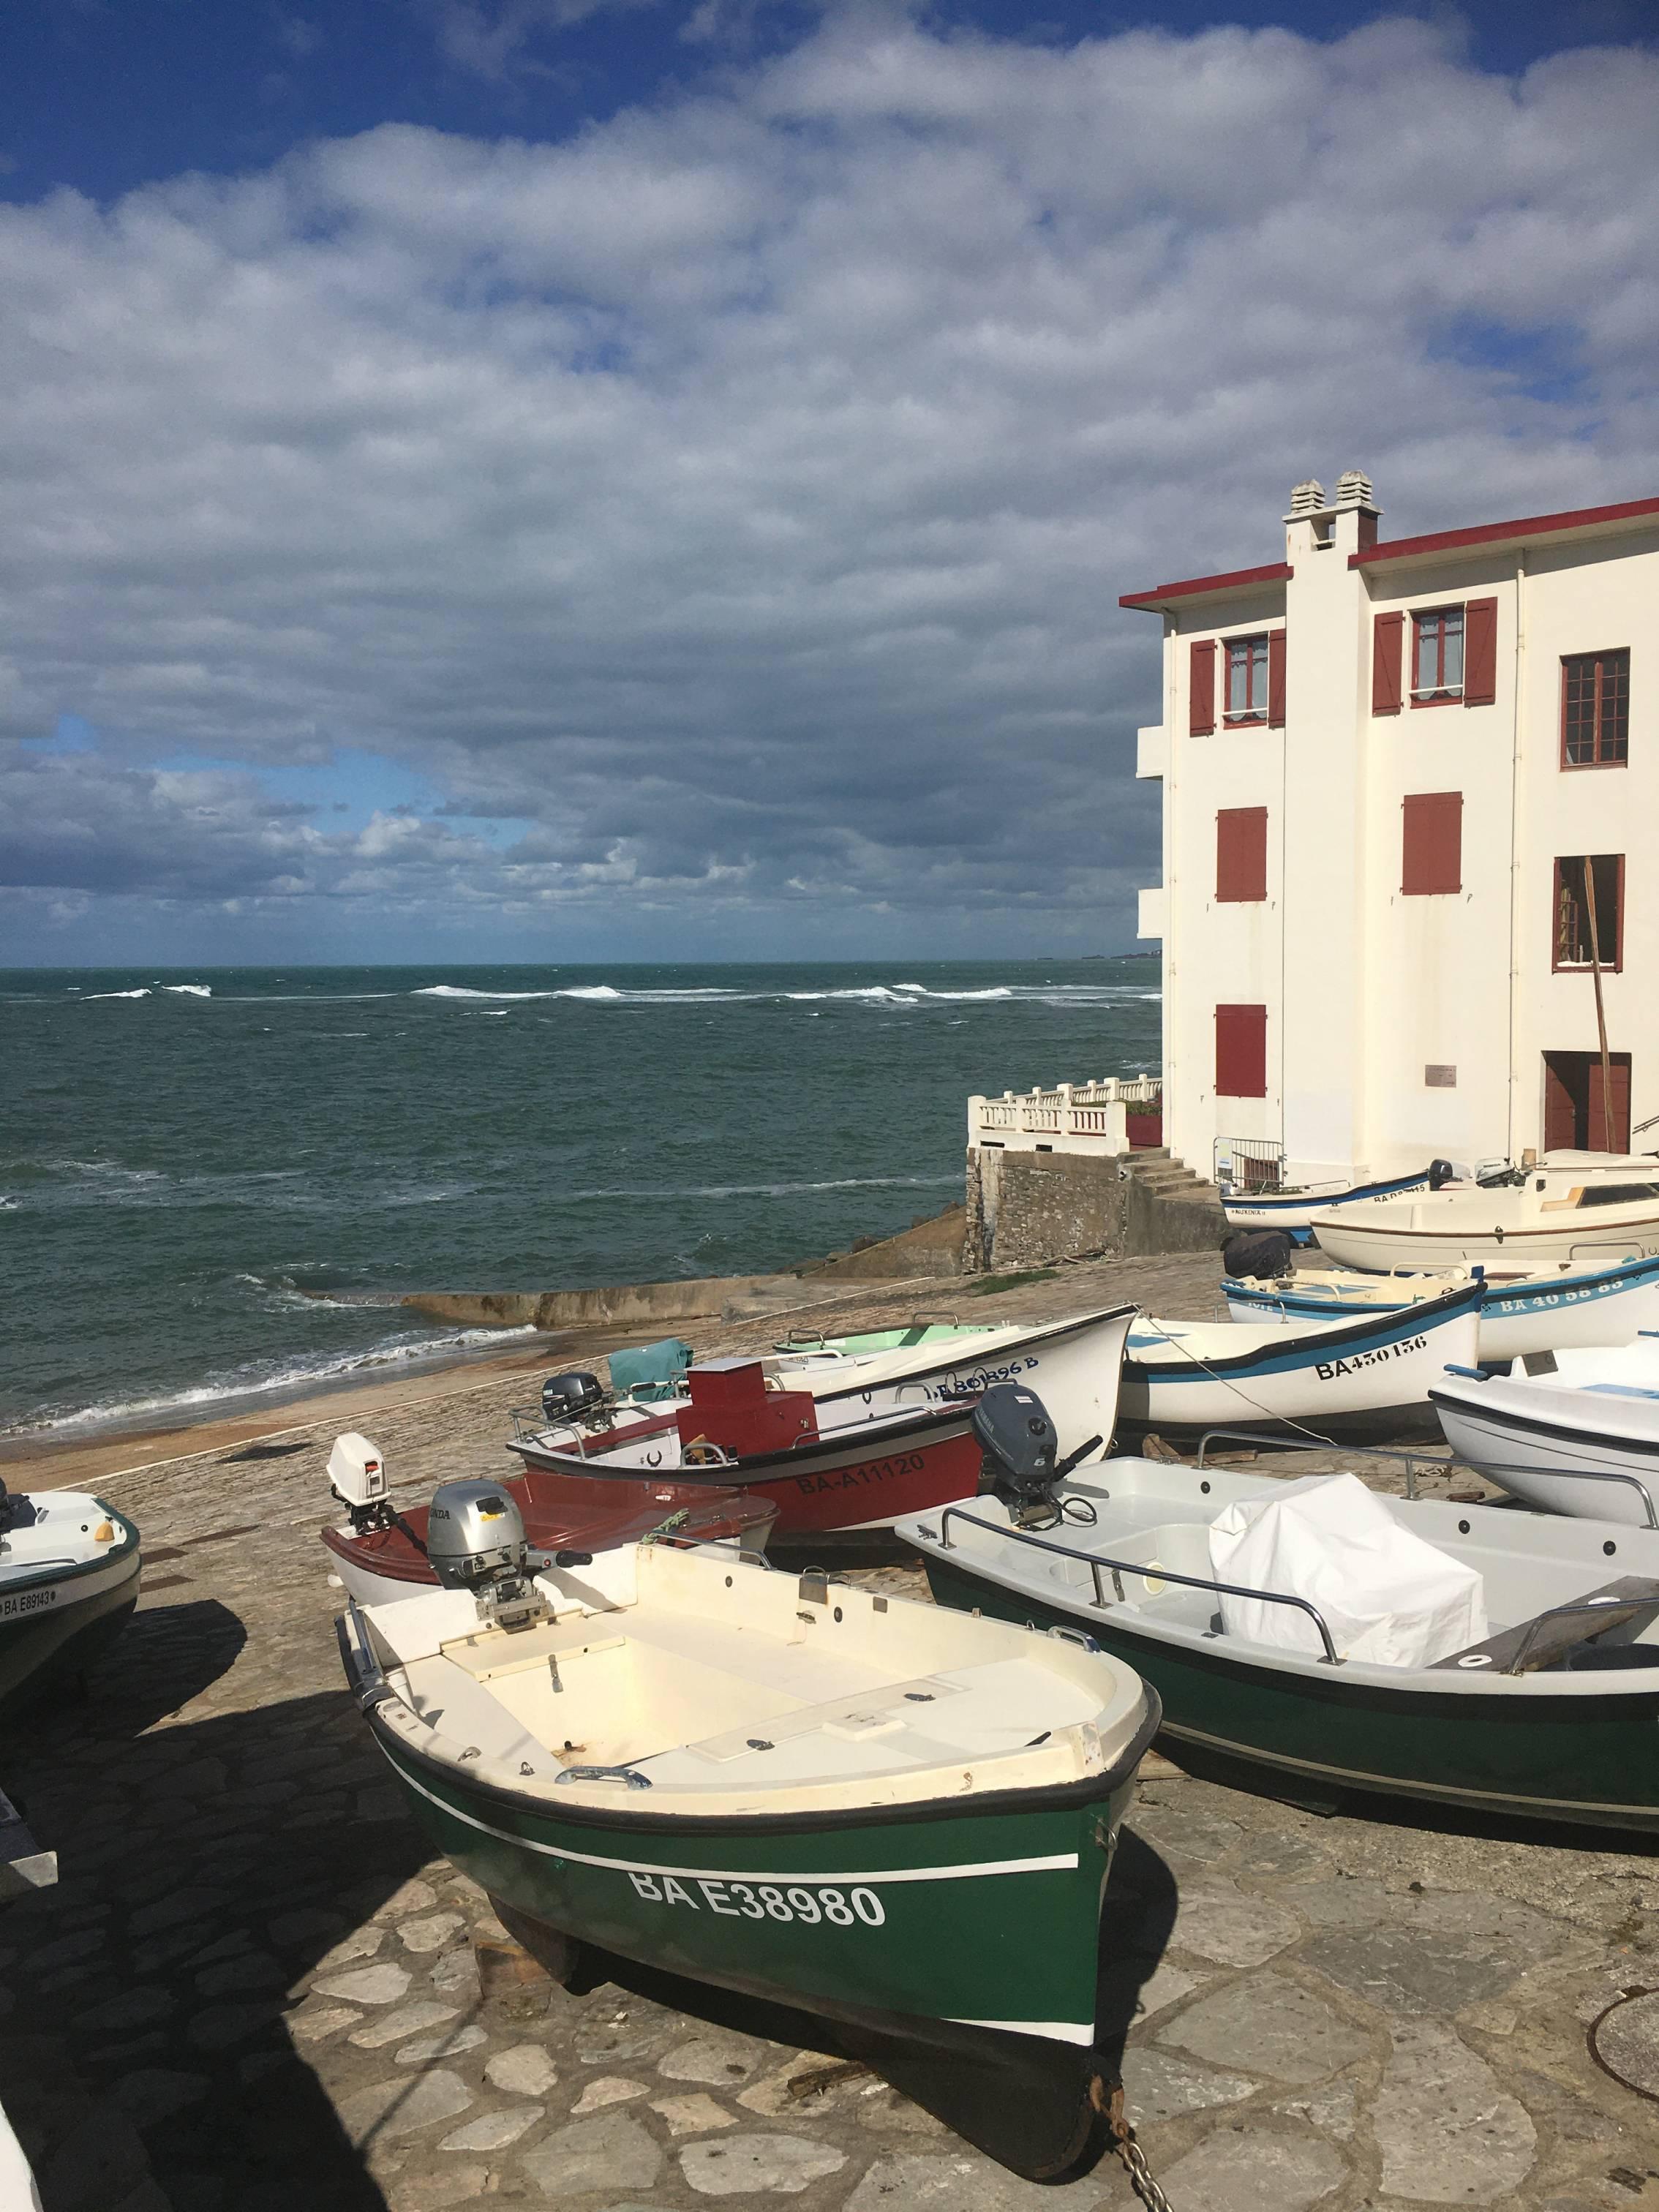 Photo 3: Balade à Bidart et Guéthary